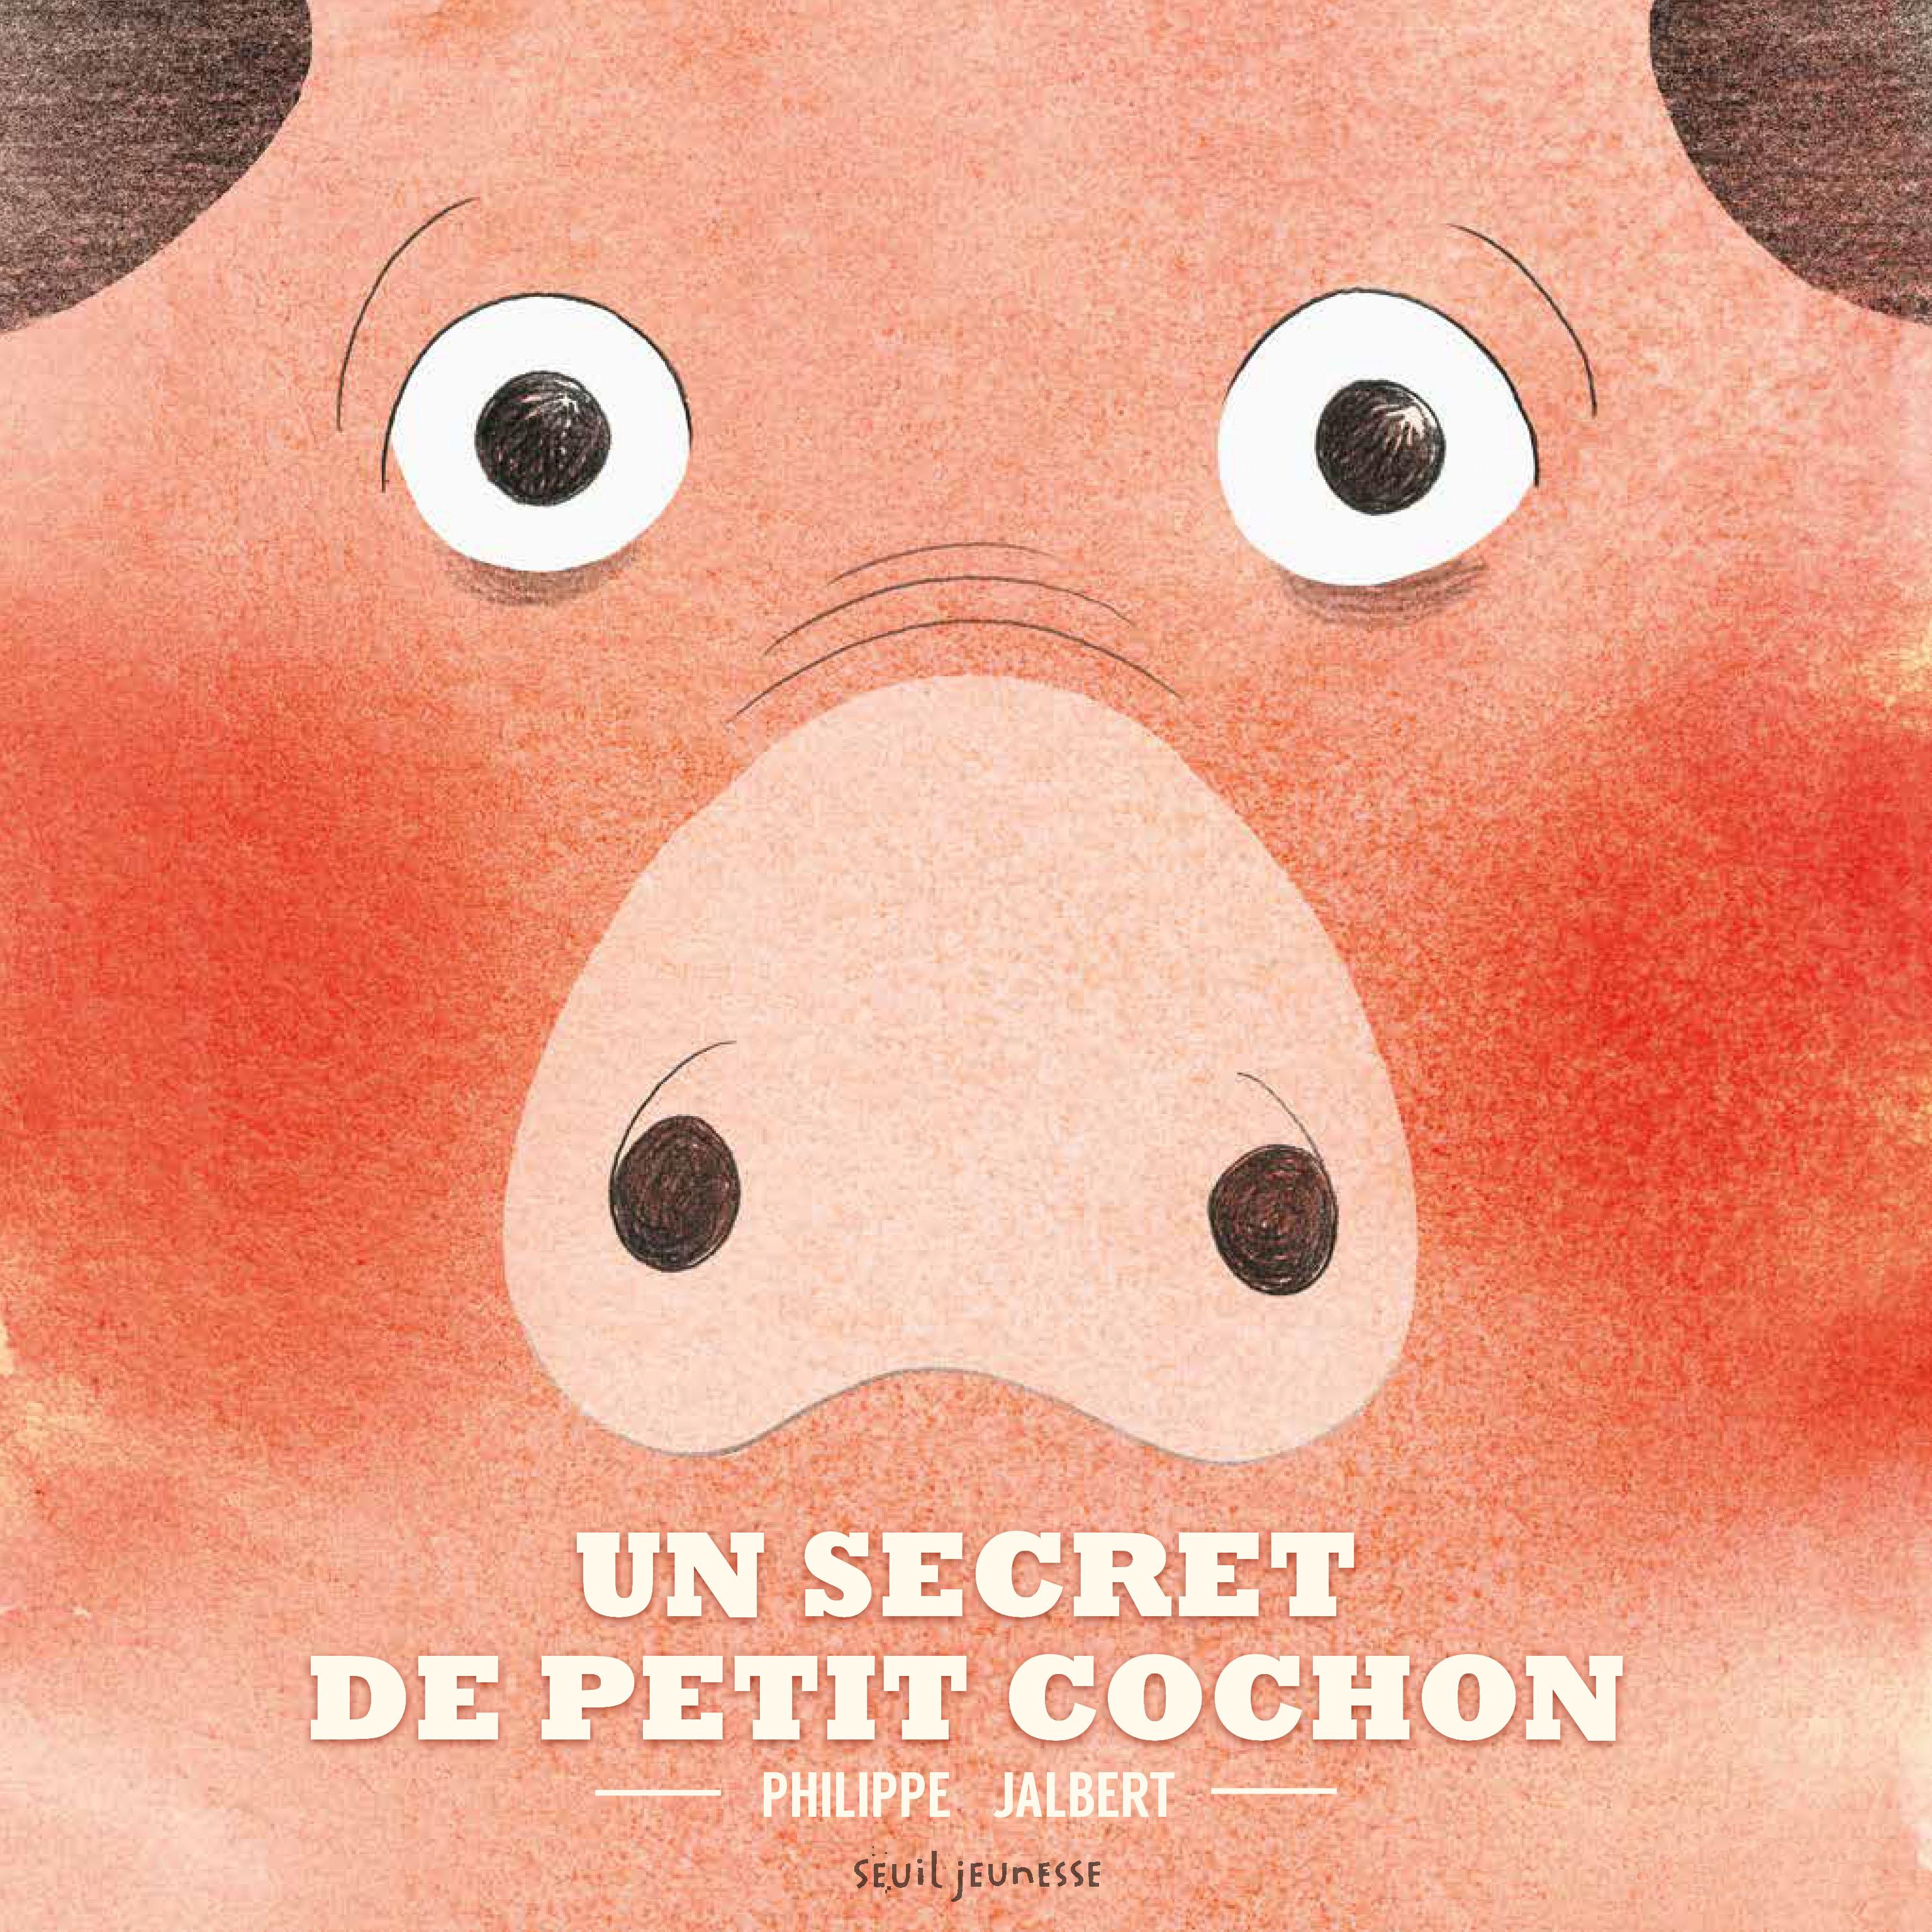 le secret du petit cochon - Philippe Jalbert - Seuil jeunesse